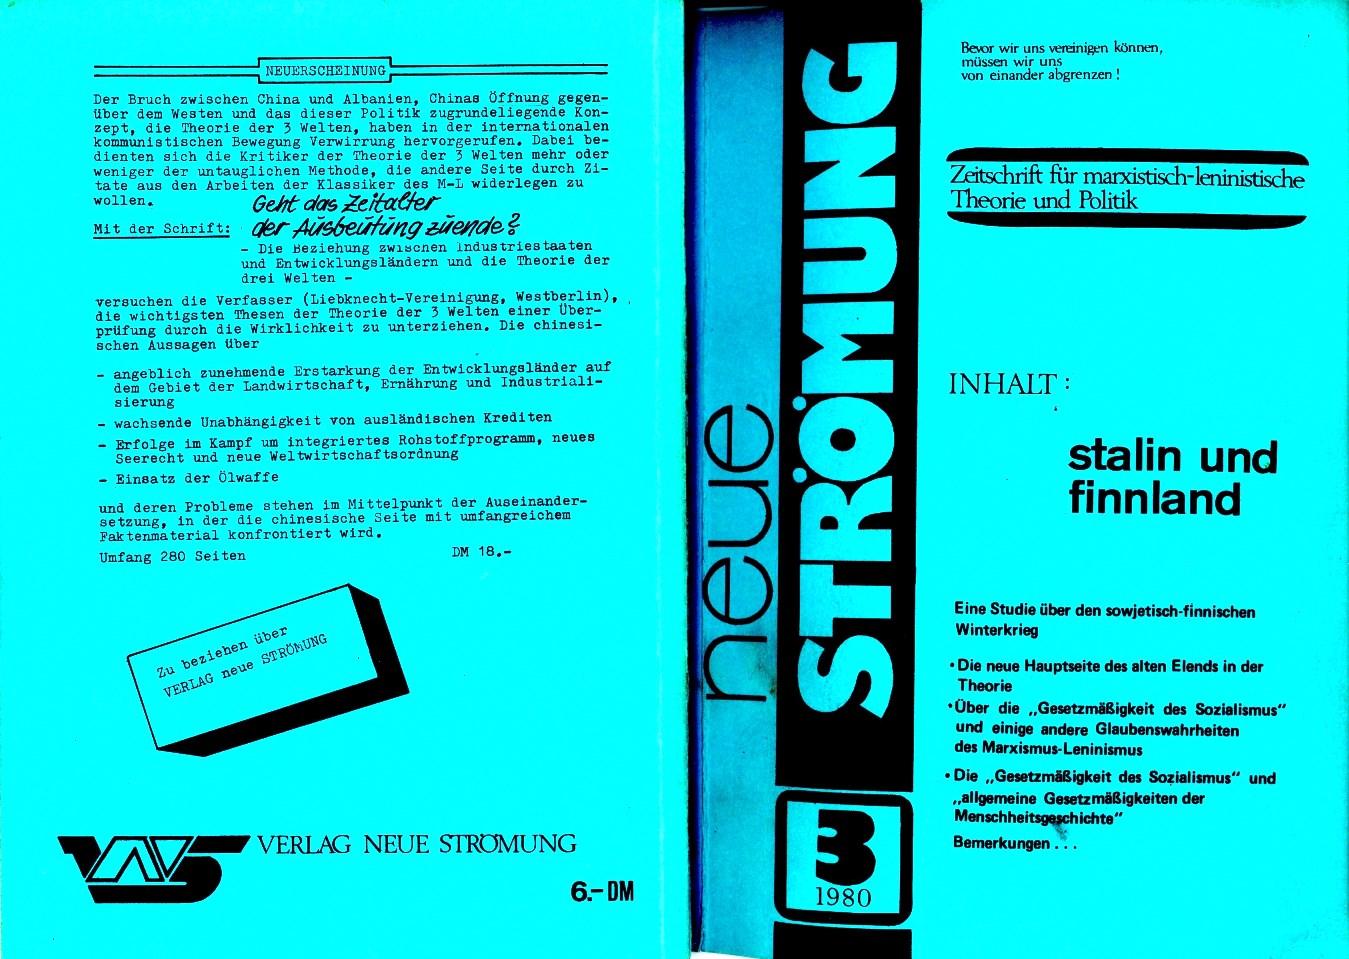 Erlangen_VNS_Neue_Stroemung_1980_03_01